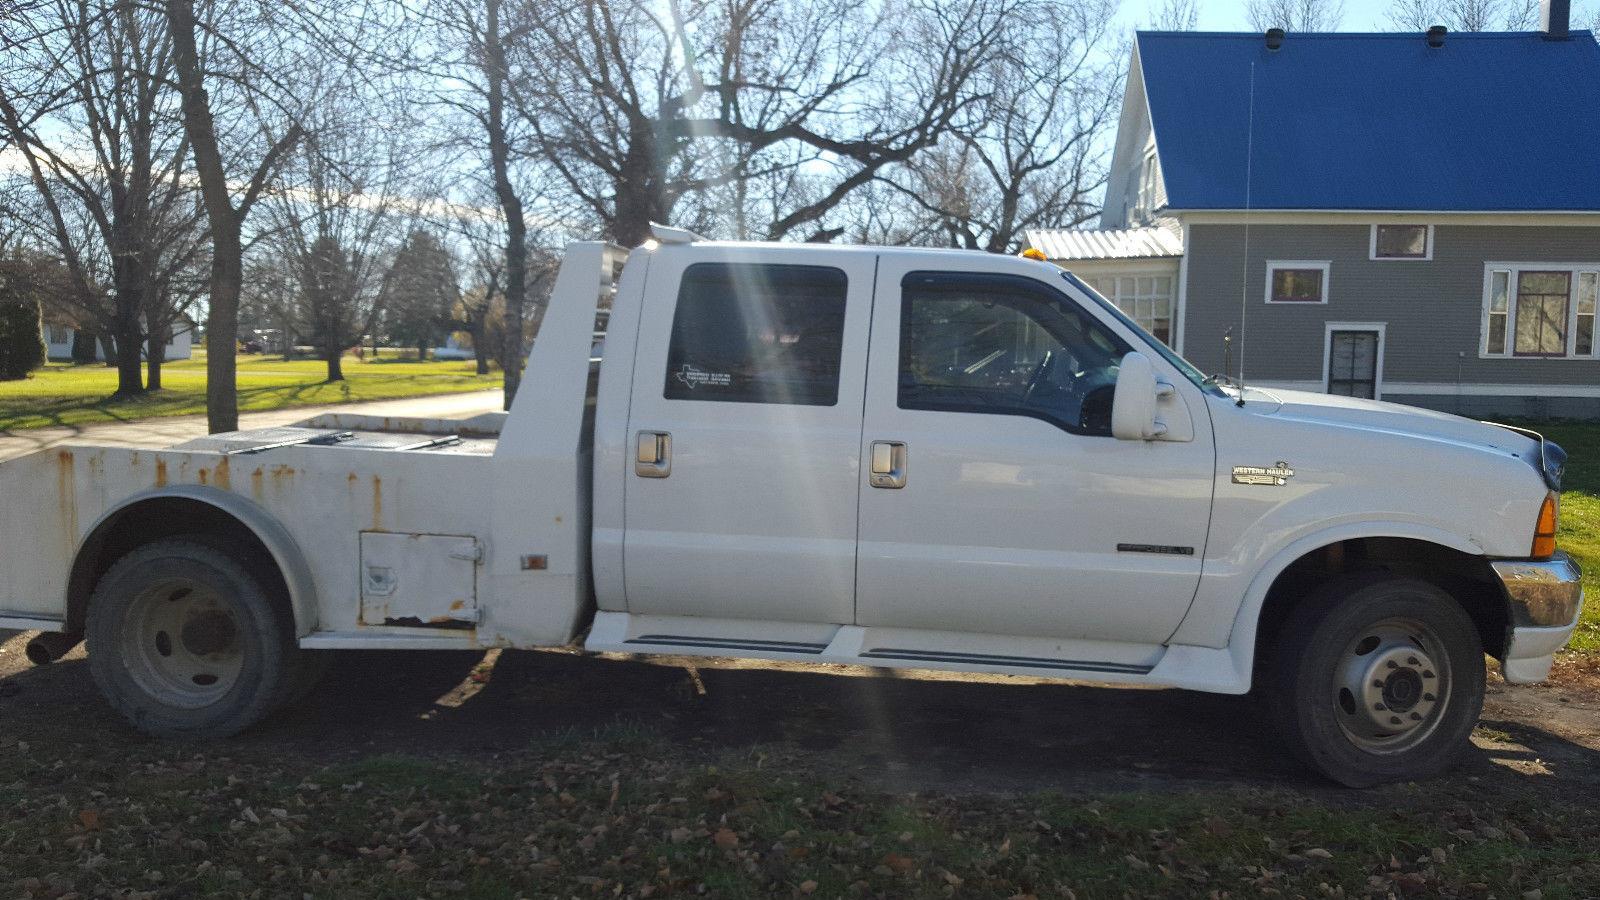 2000 ford f 550 diesel crew cab 4 4 western hauler super duty for sale. Black Bedroom Furniture Sets. Home Design Ideas